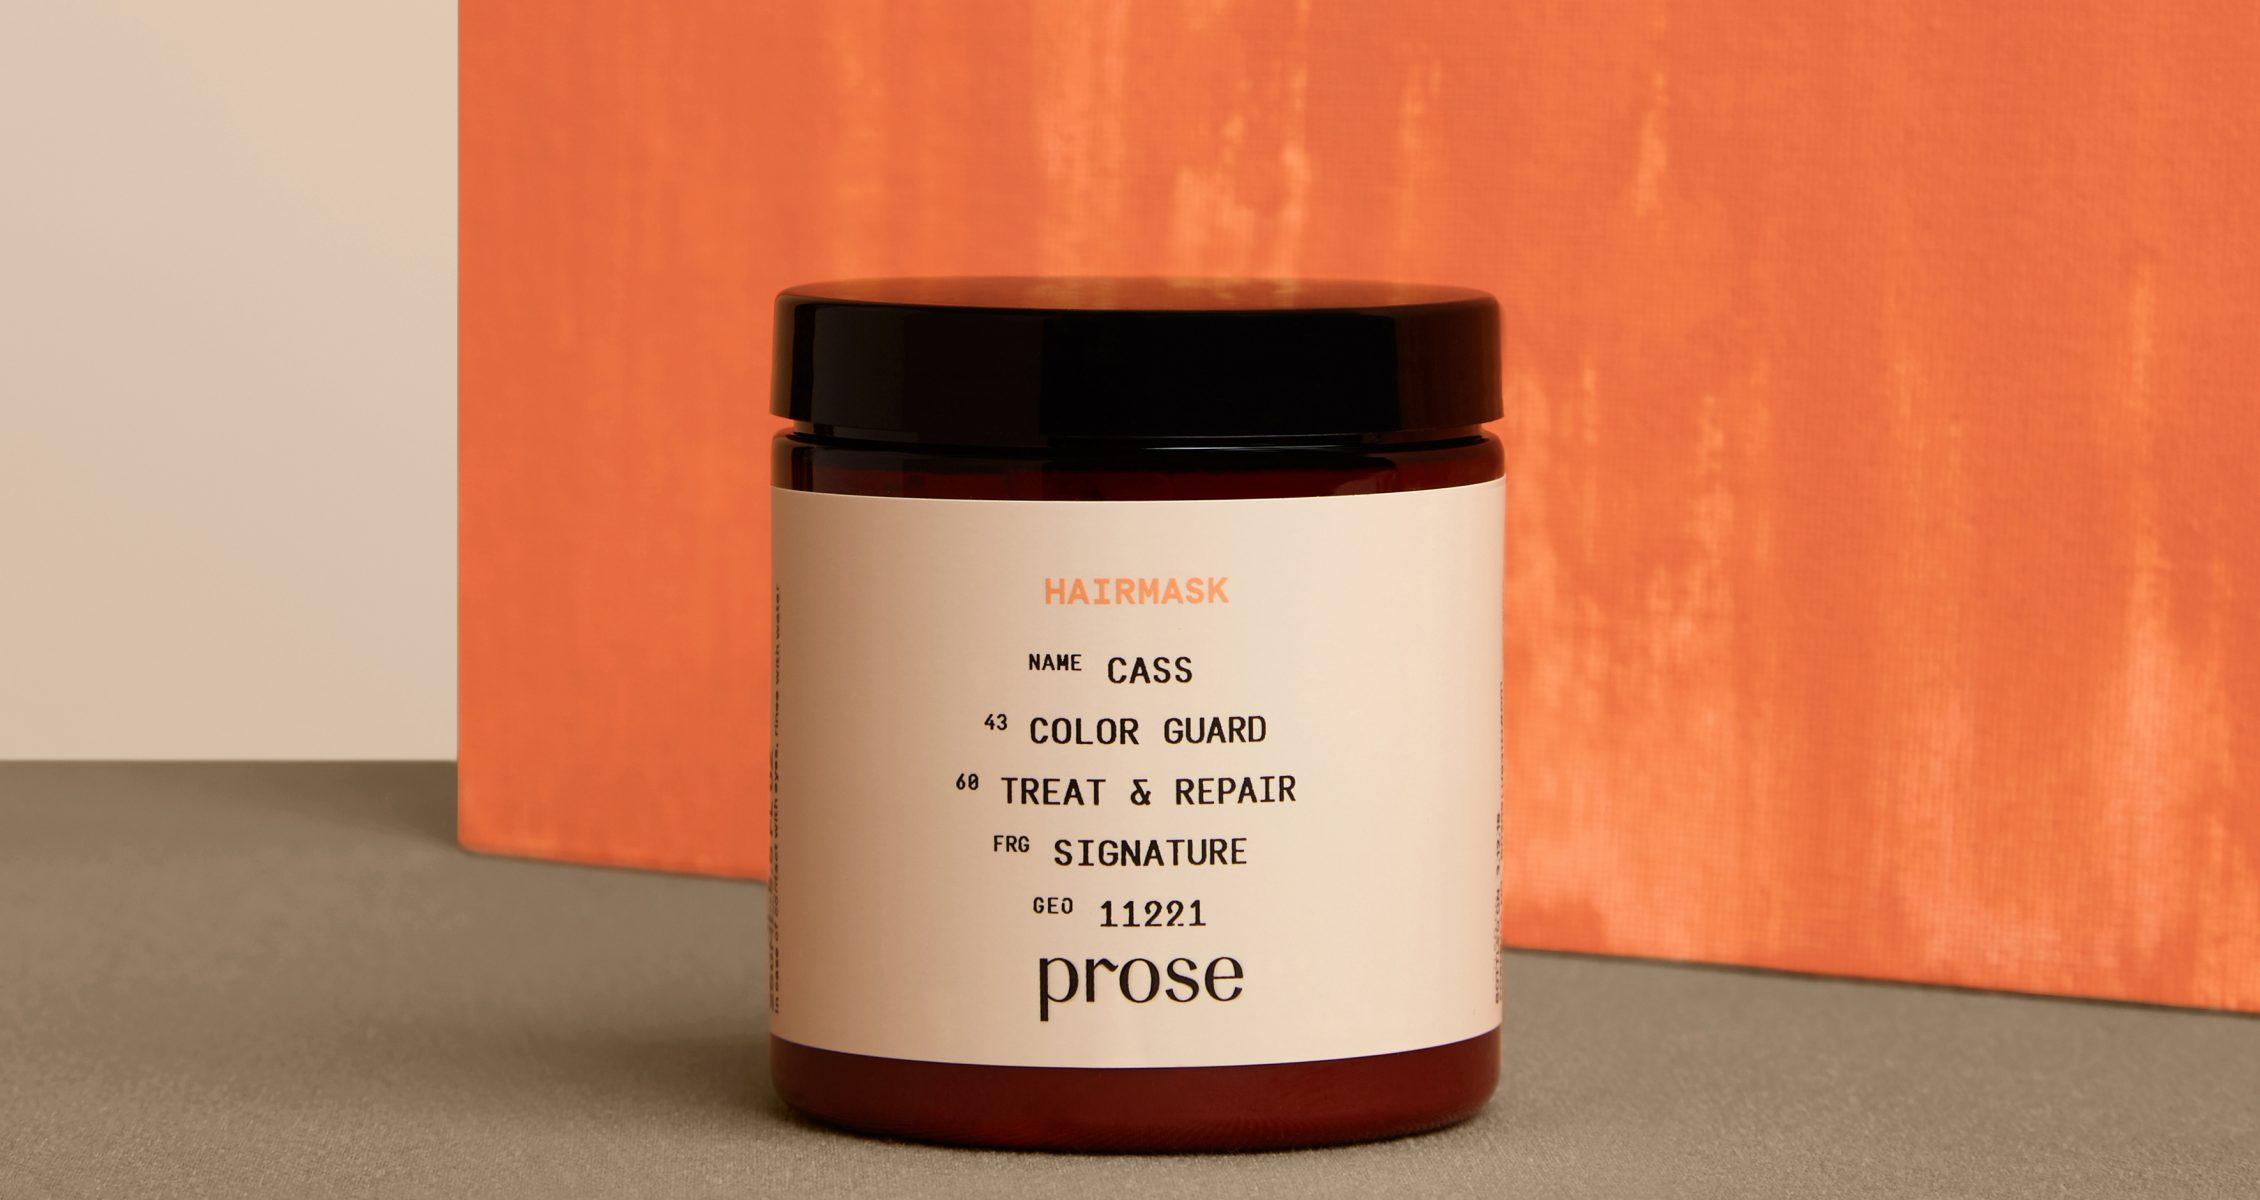 Prose mask from Jurada shoot on bright, orange background